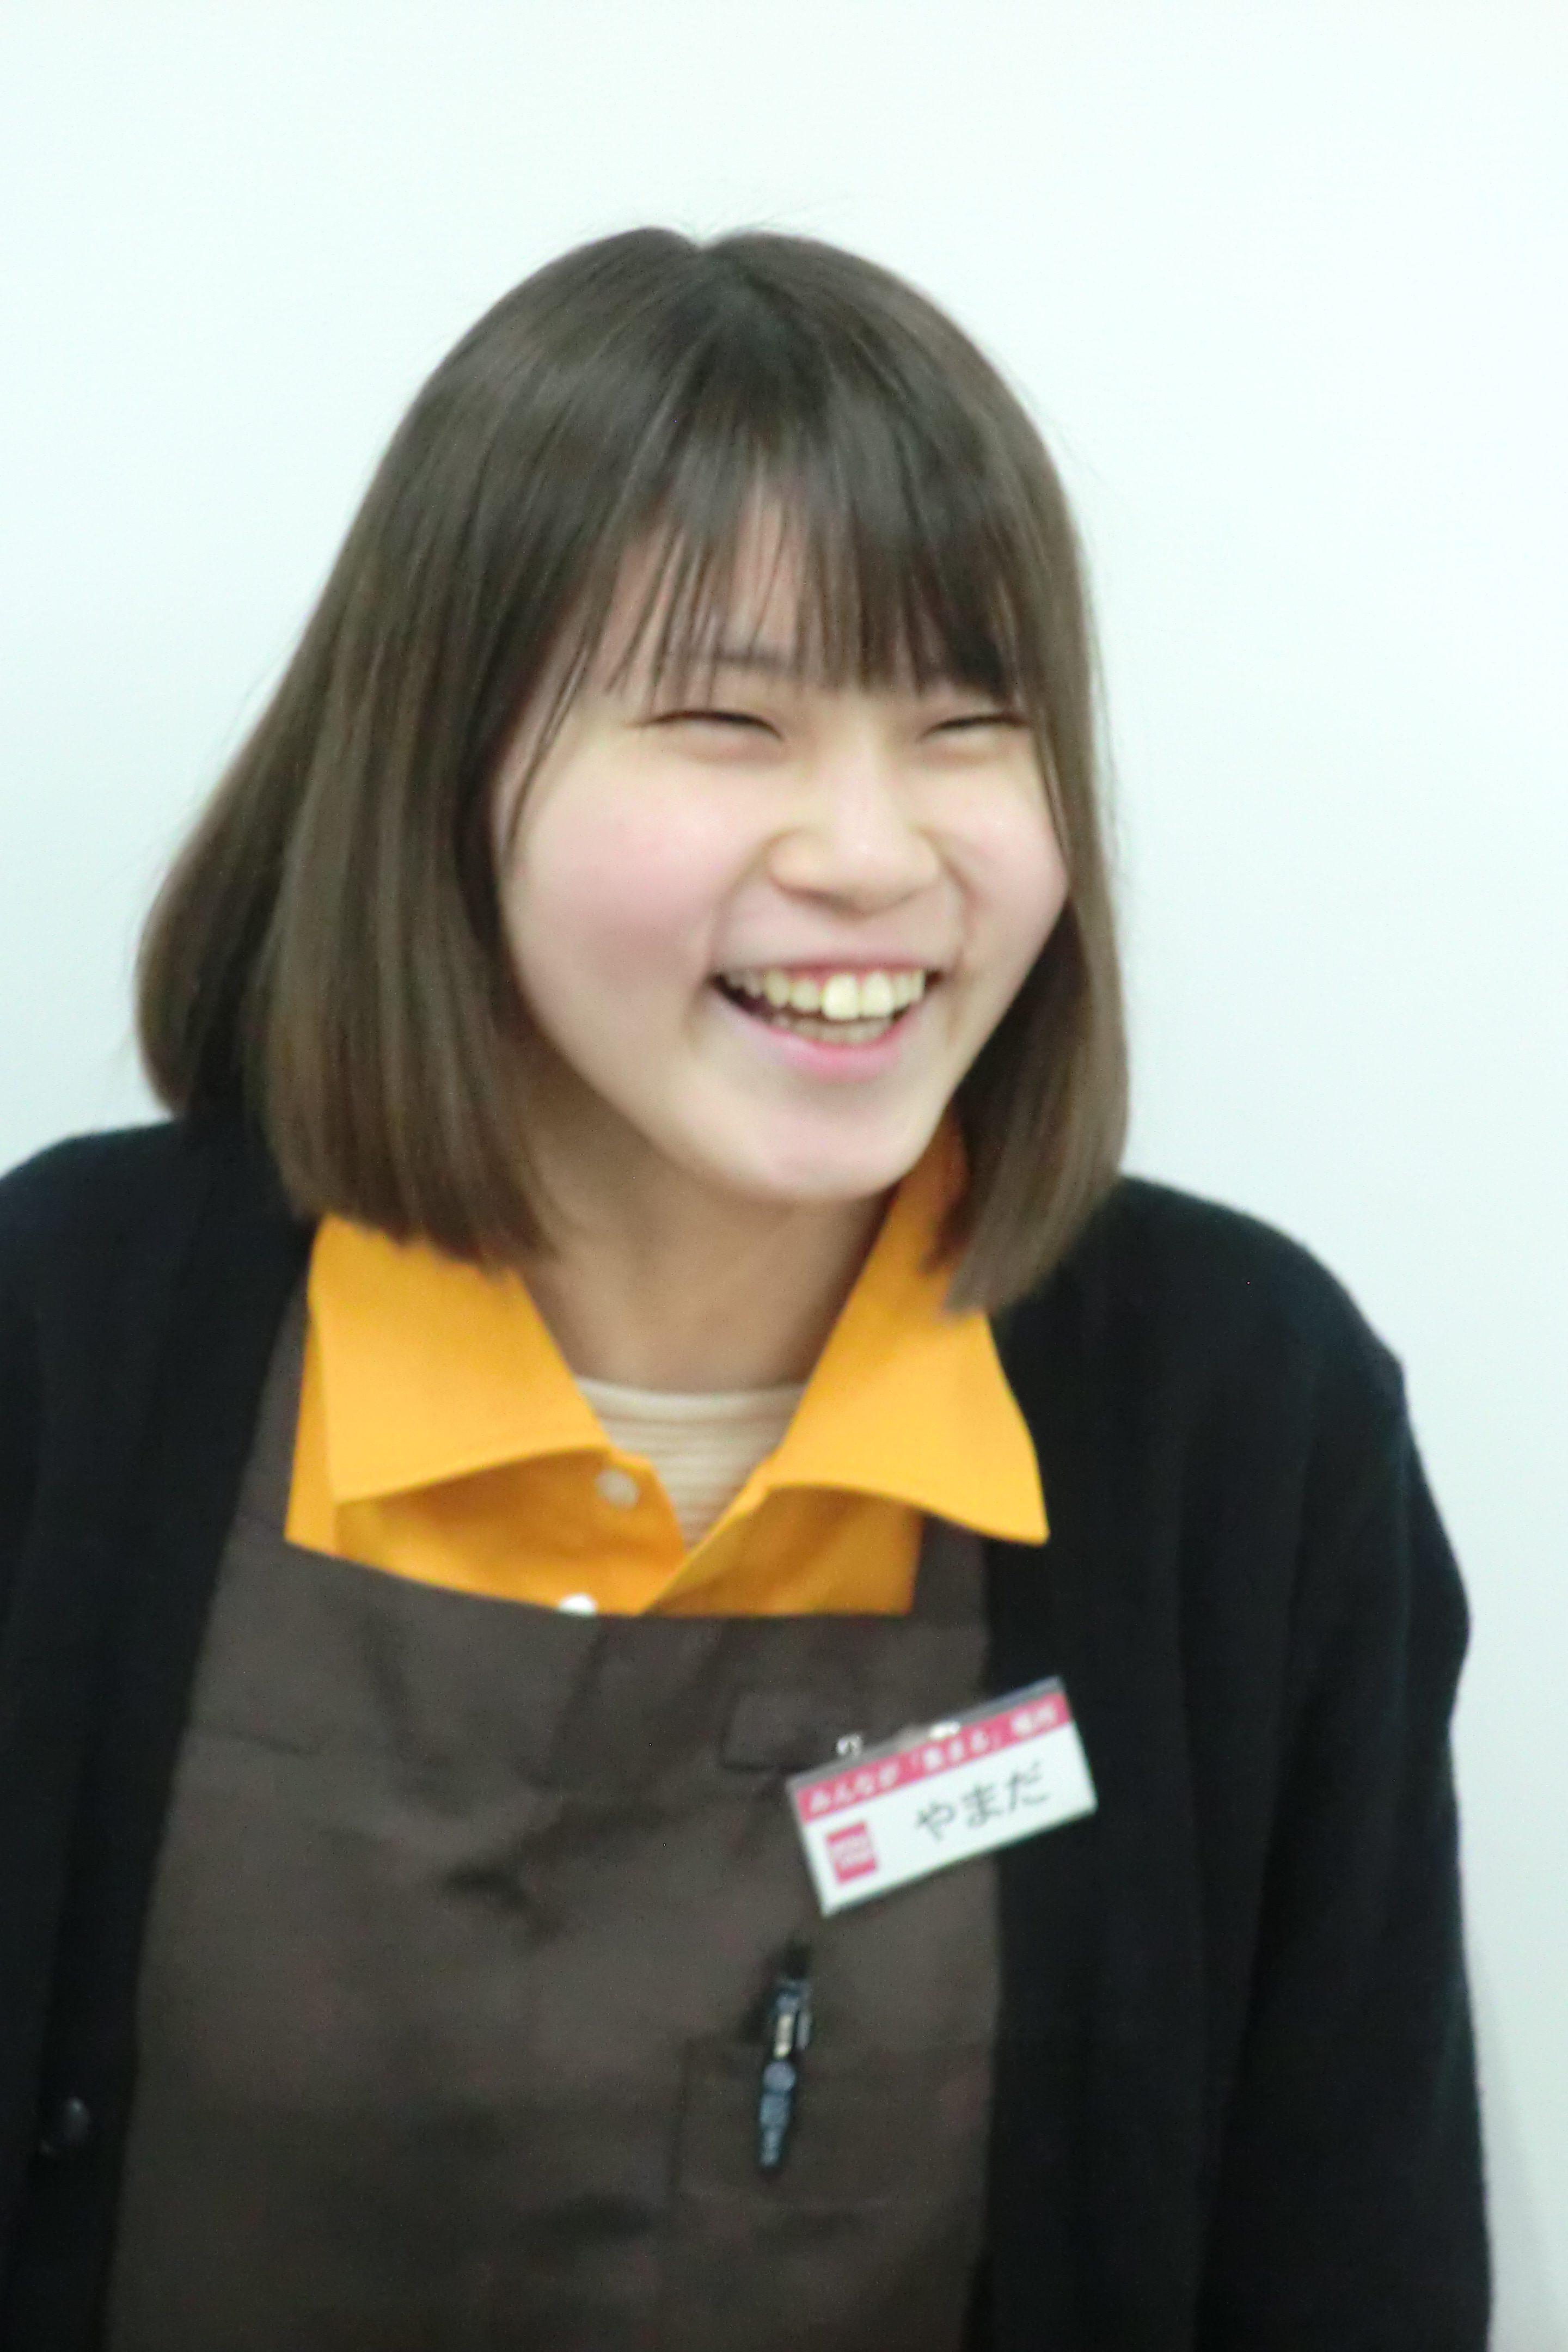 山田潤菜さん